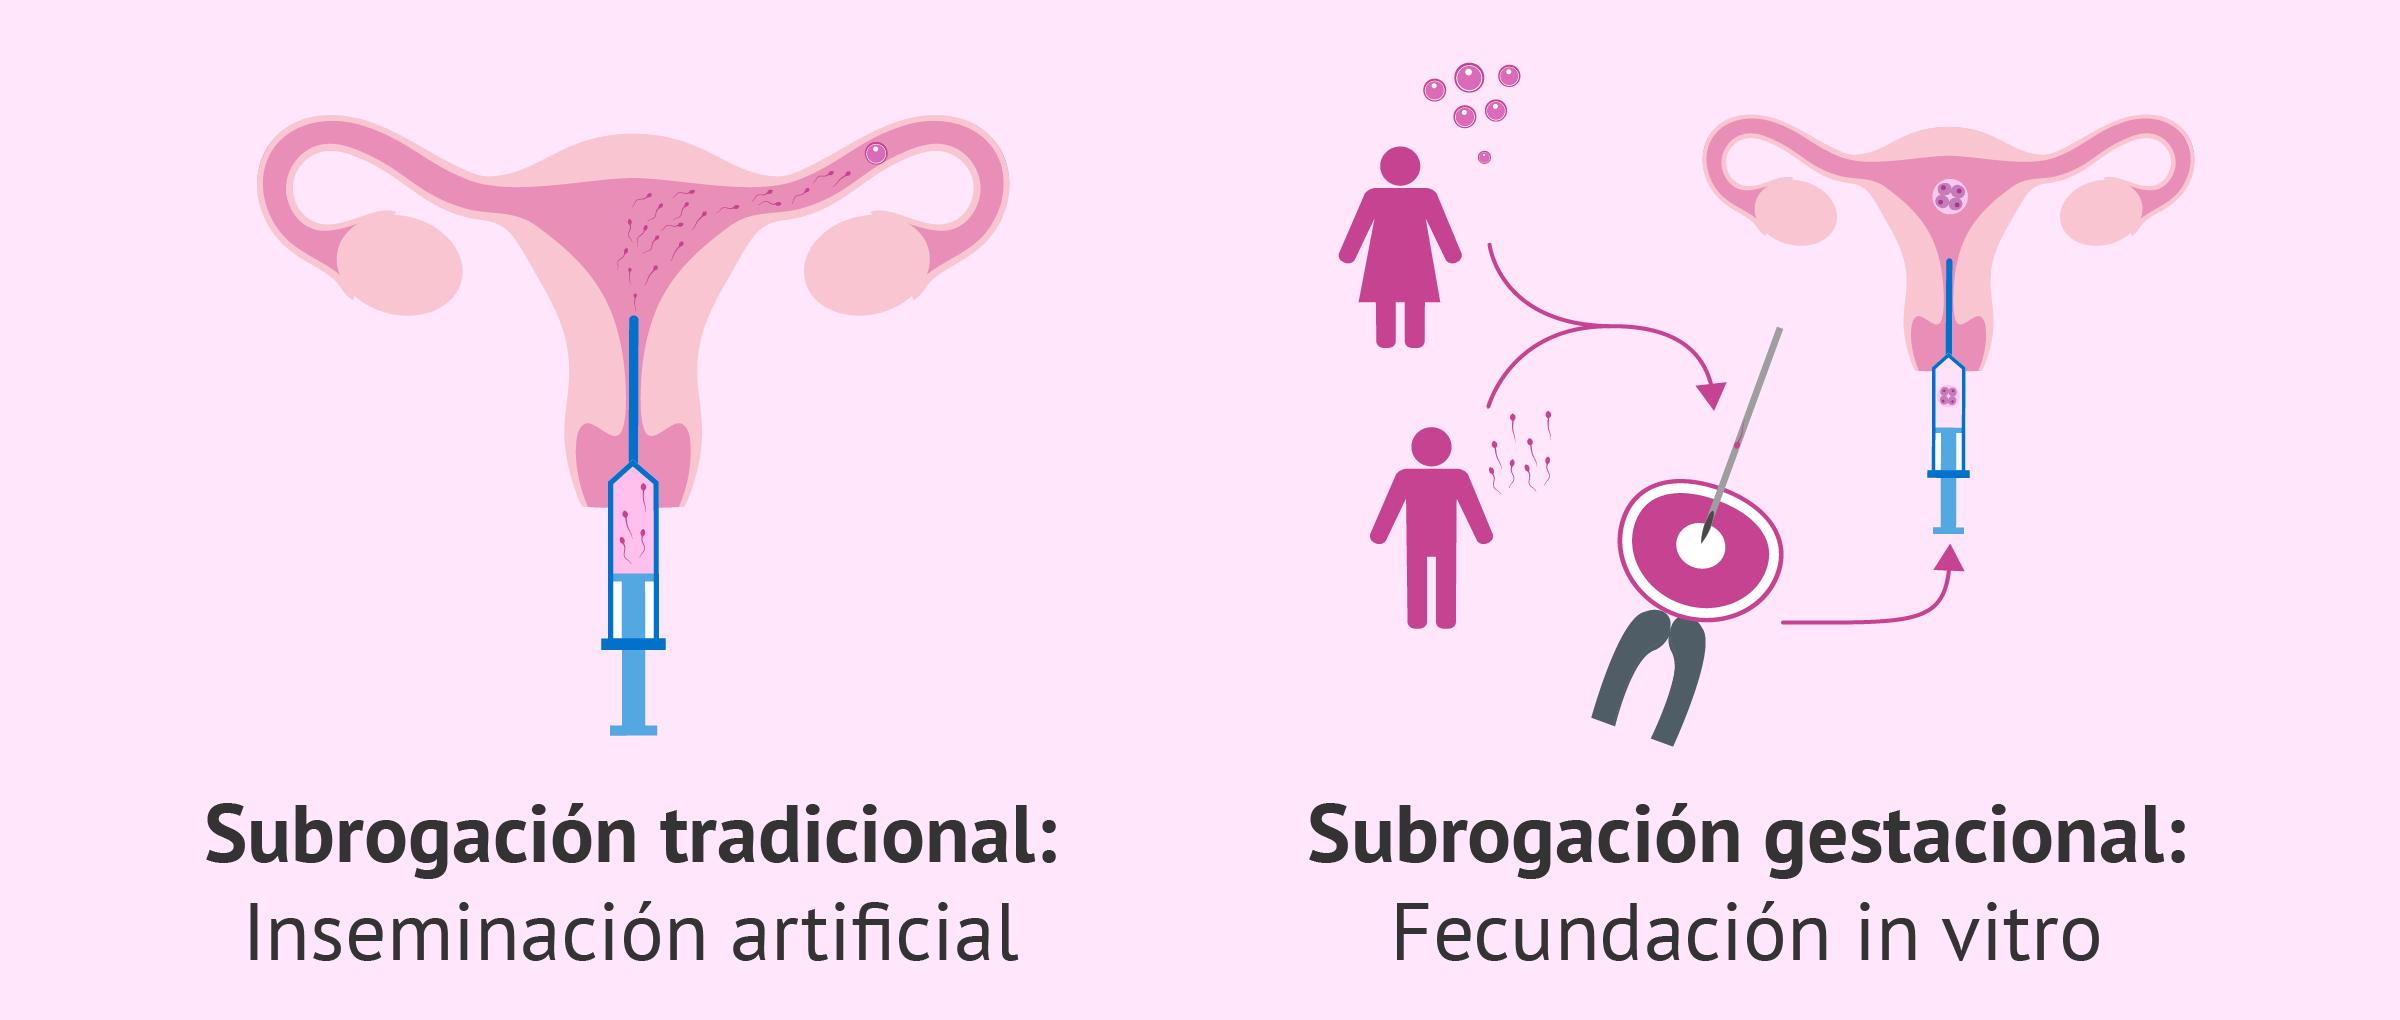 Gestación subrogada tradicional vs gestacional